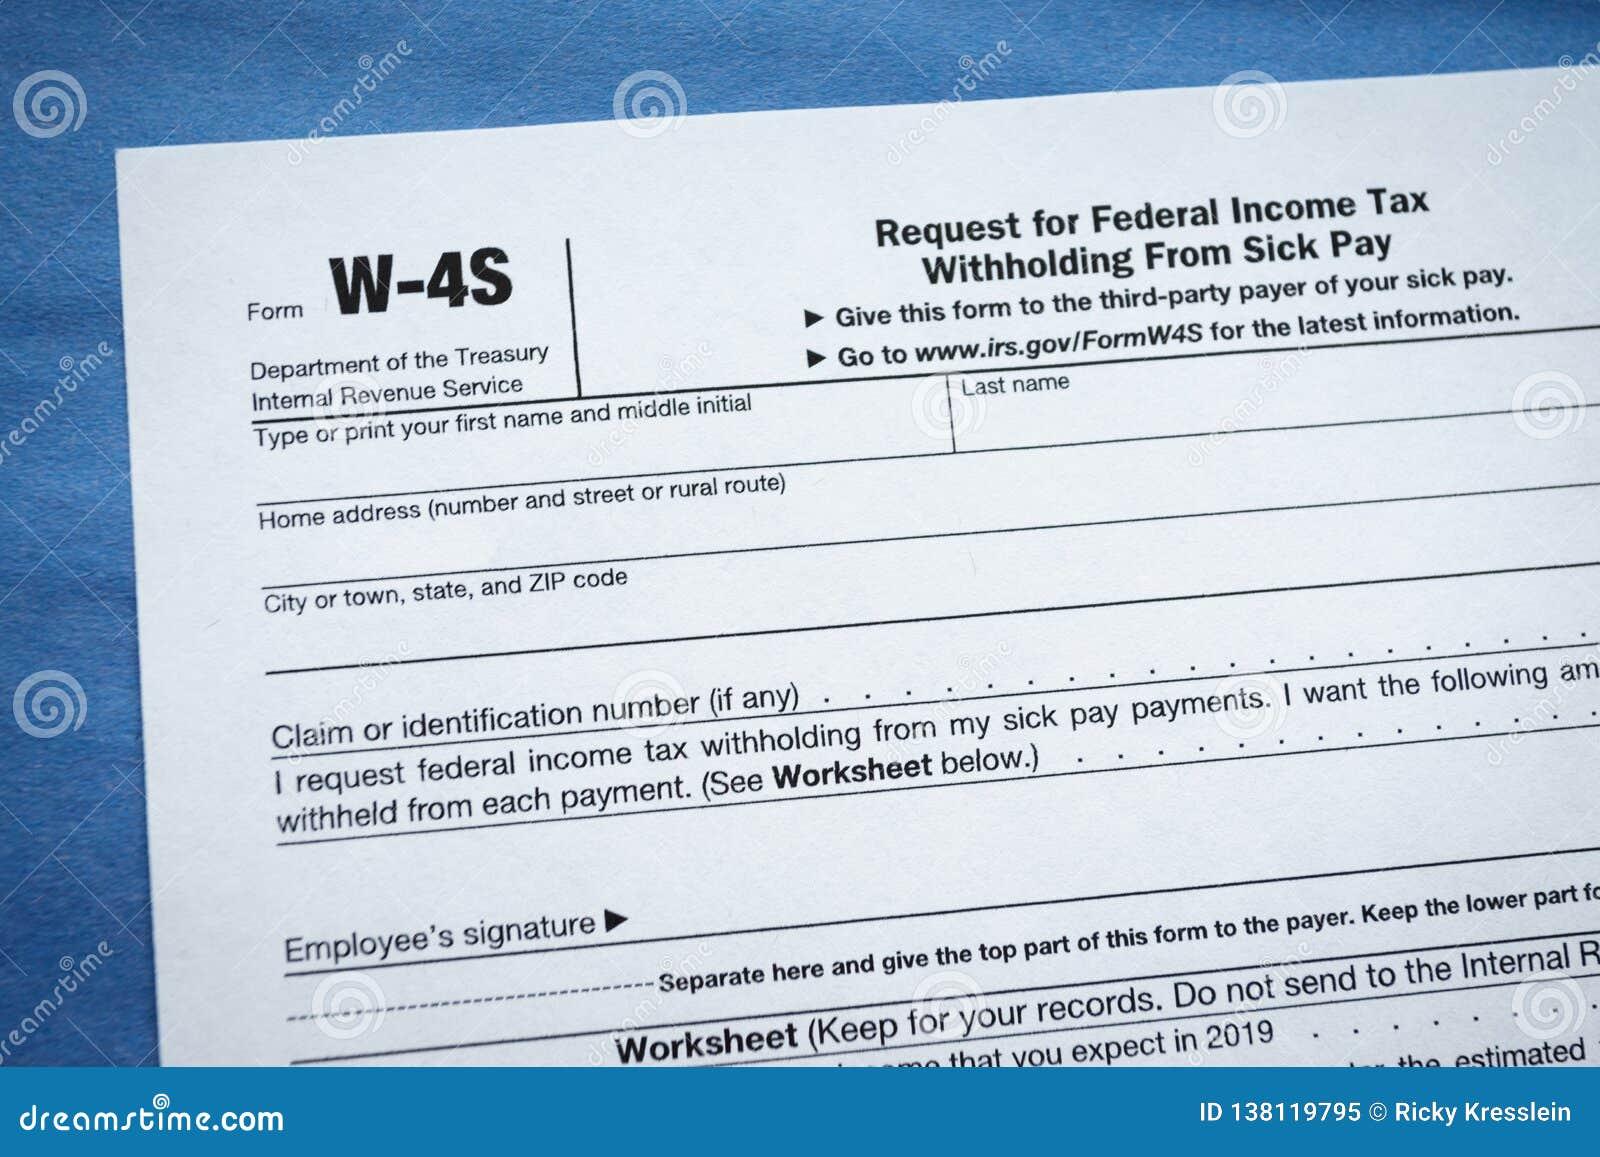 Pedido do formulário W-4S para a retenção de impostos federais sobre as receitas do pagamento doente